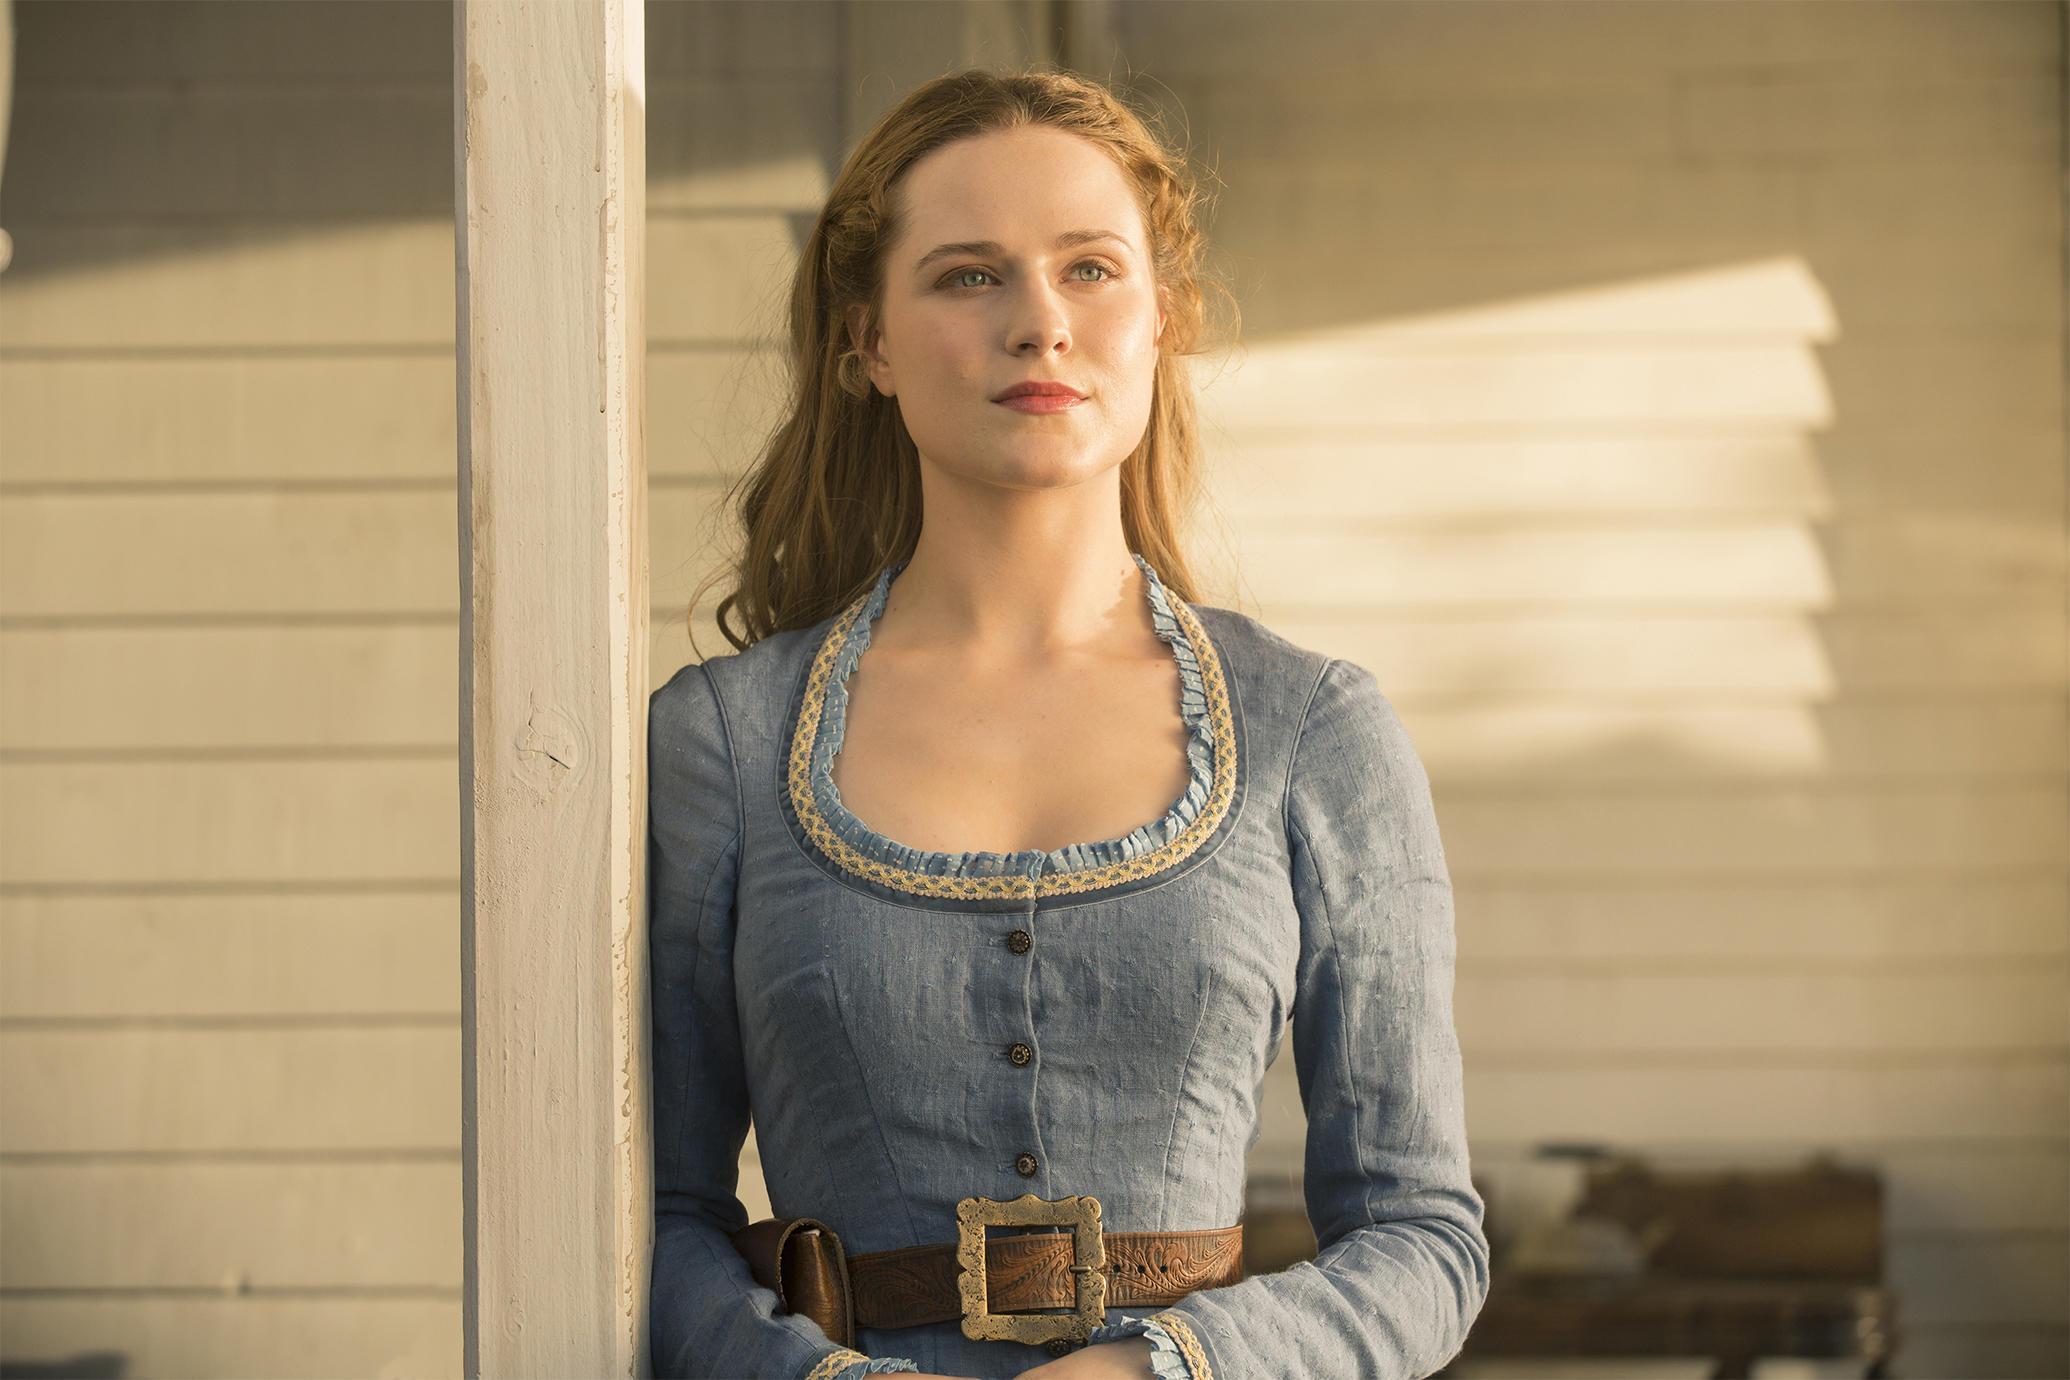 Evan Rachel Wood, da série 'Westworld', revela que foi violentada duas vezes